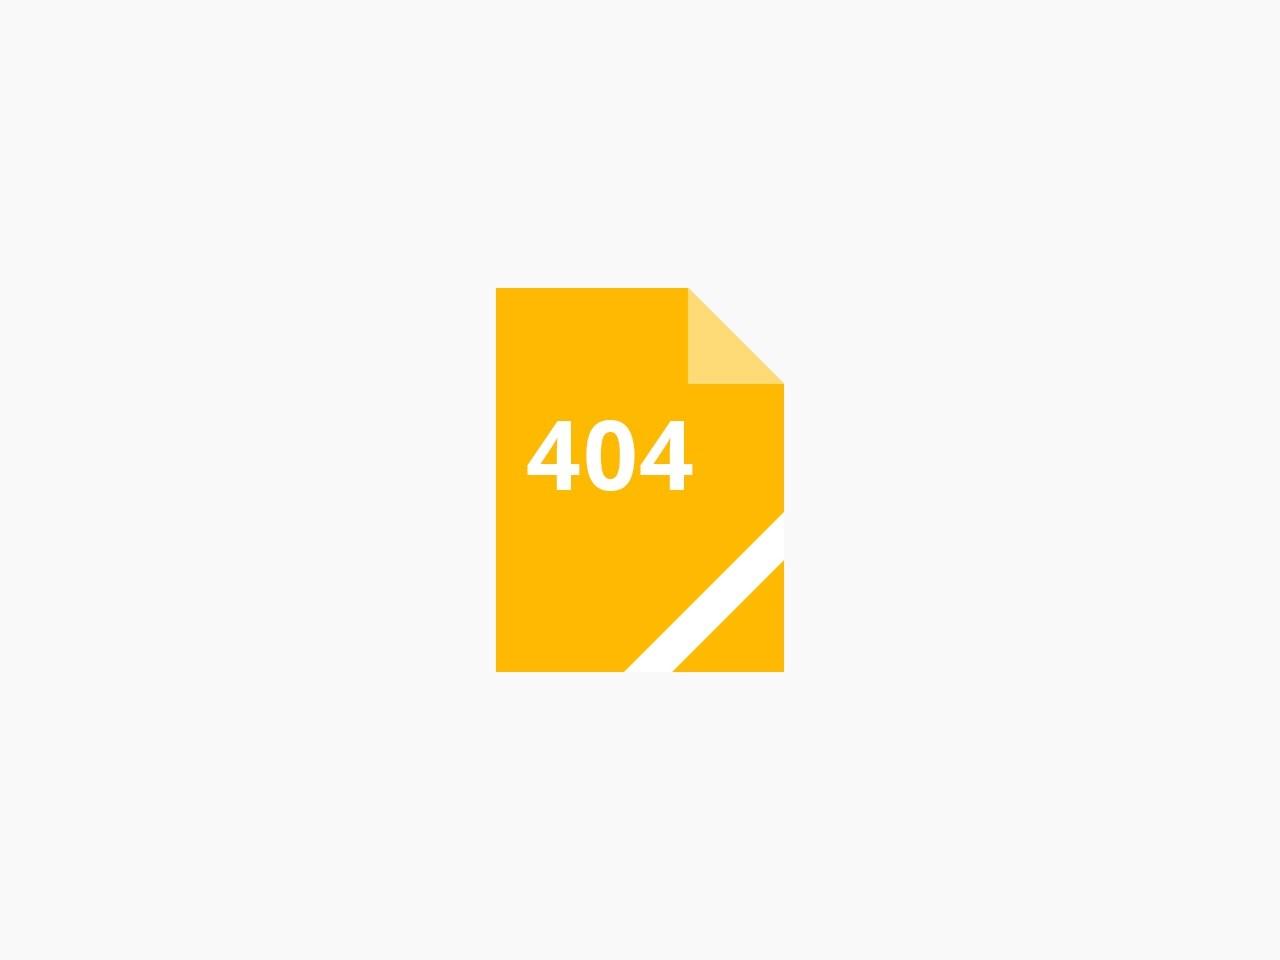 蚂蚁图库_设计图片素材网